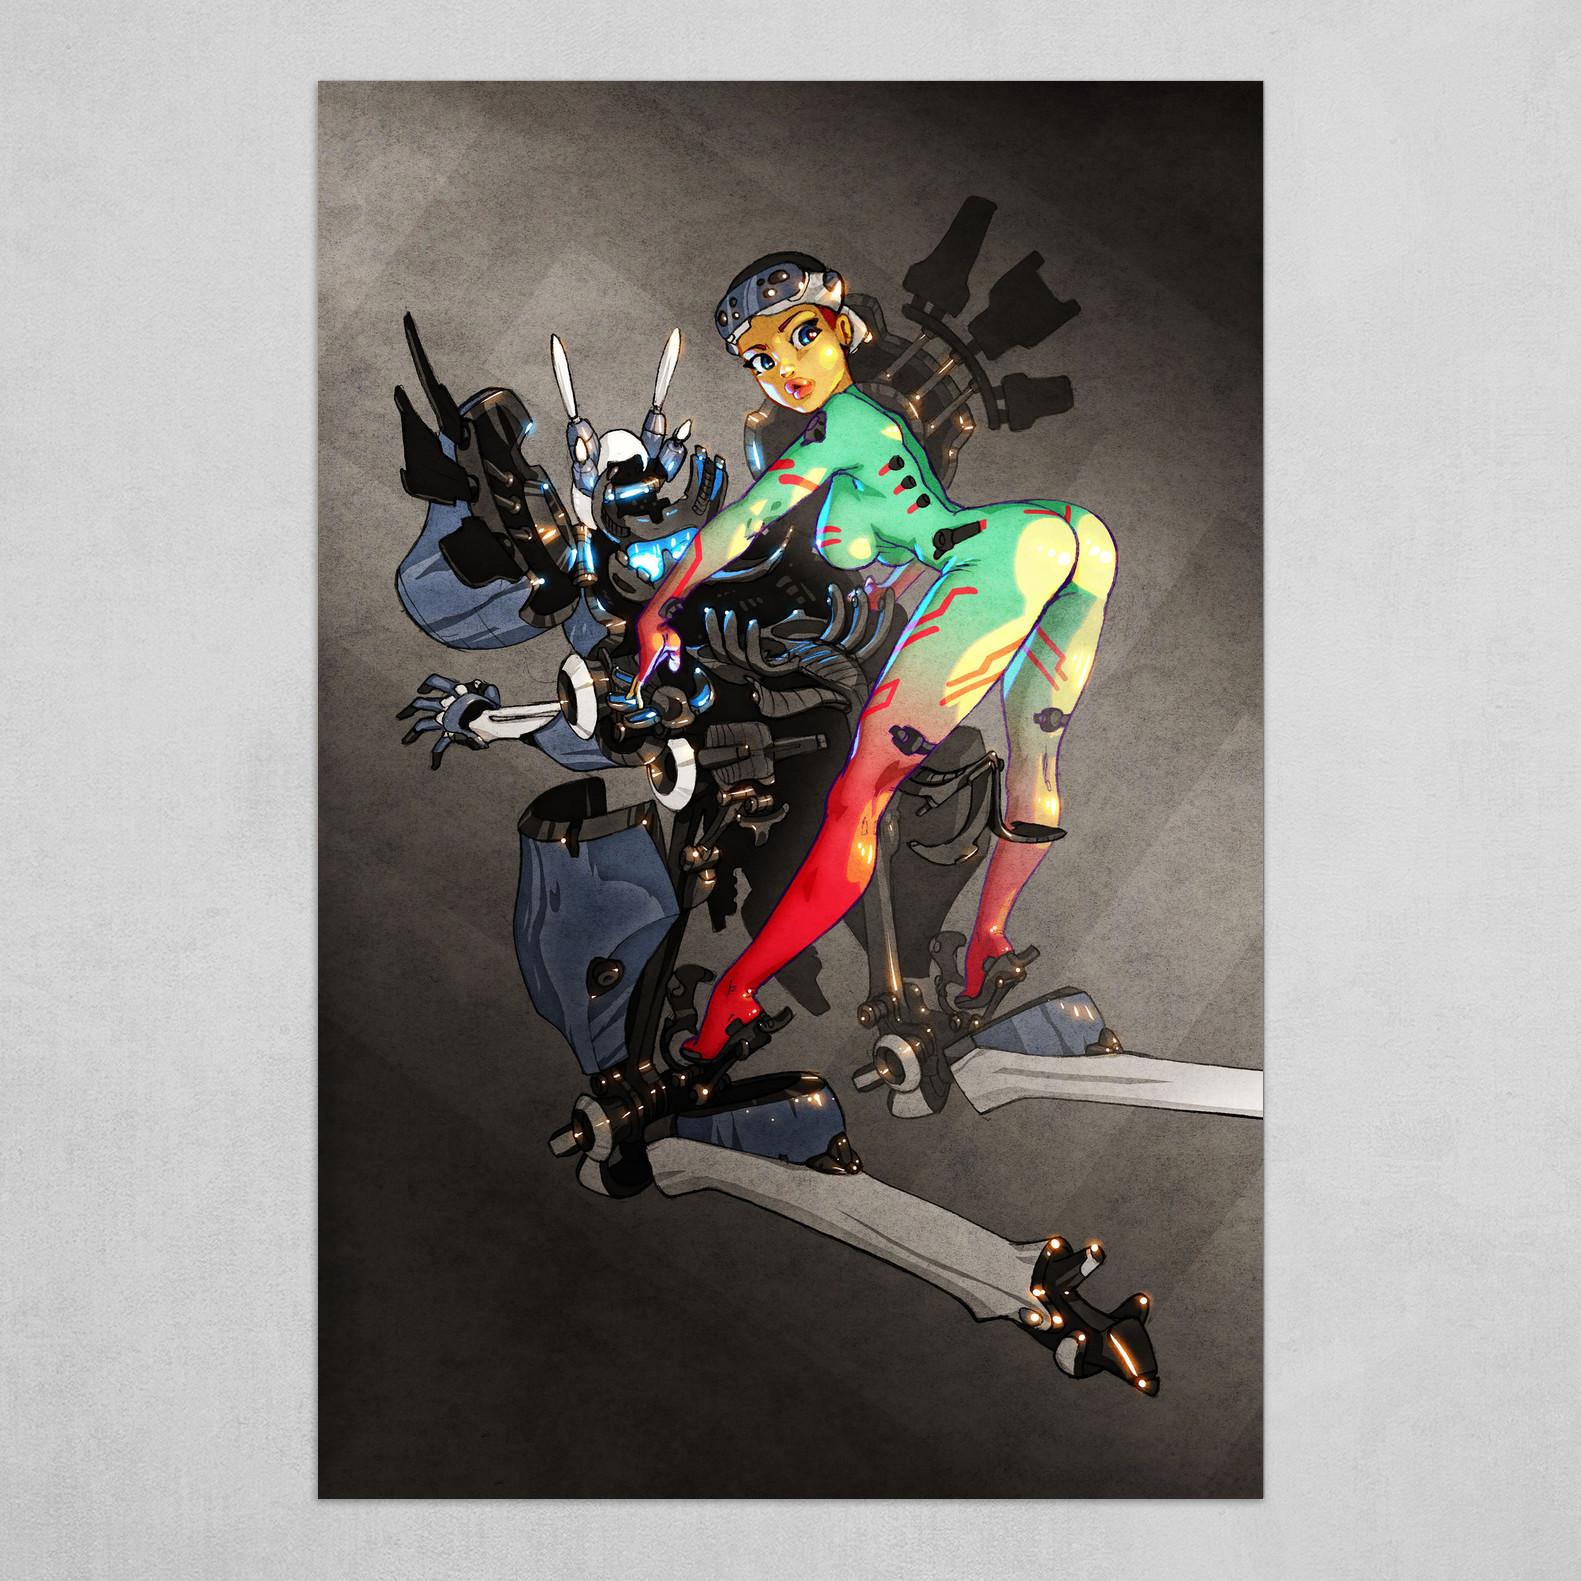 Mecha Pilot Girl - Exoskeleton